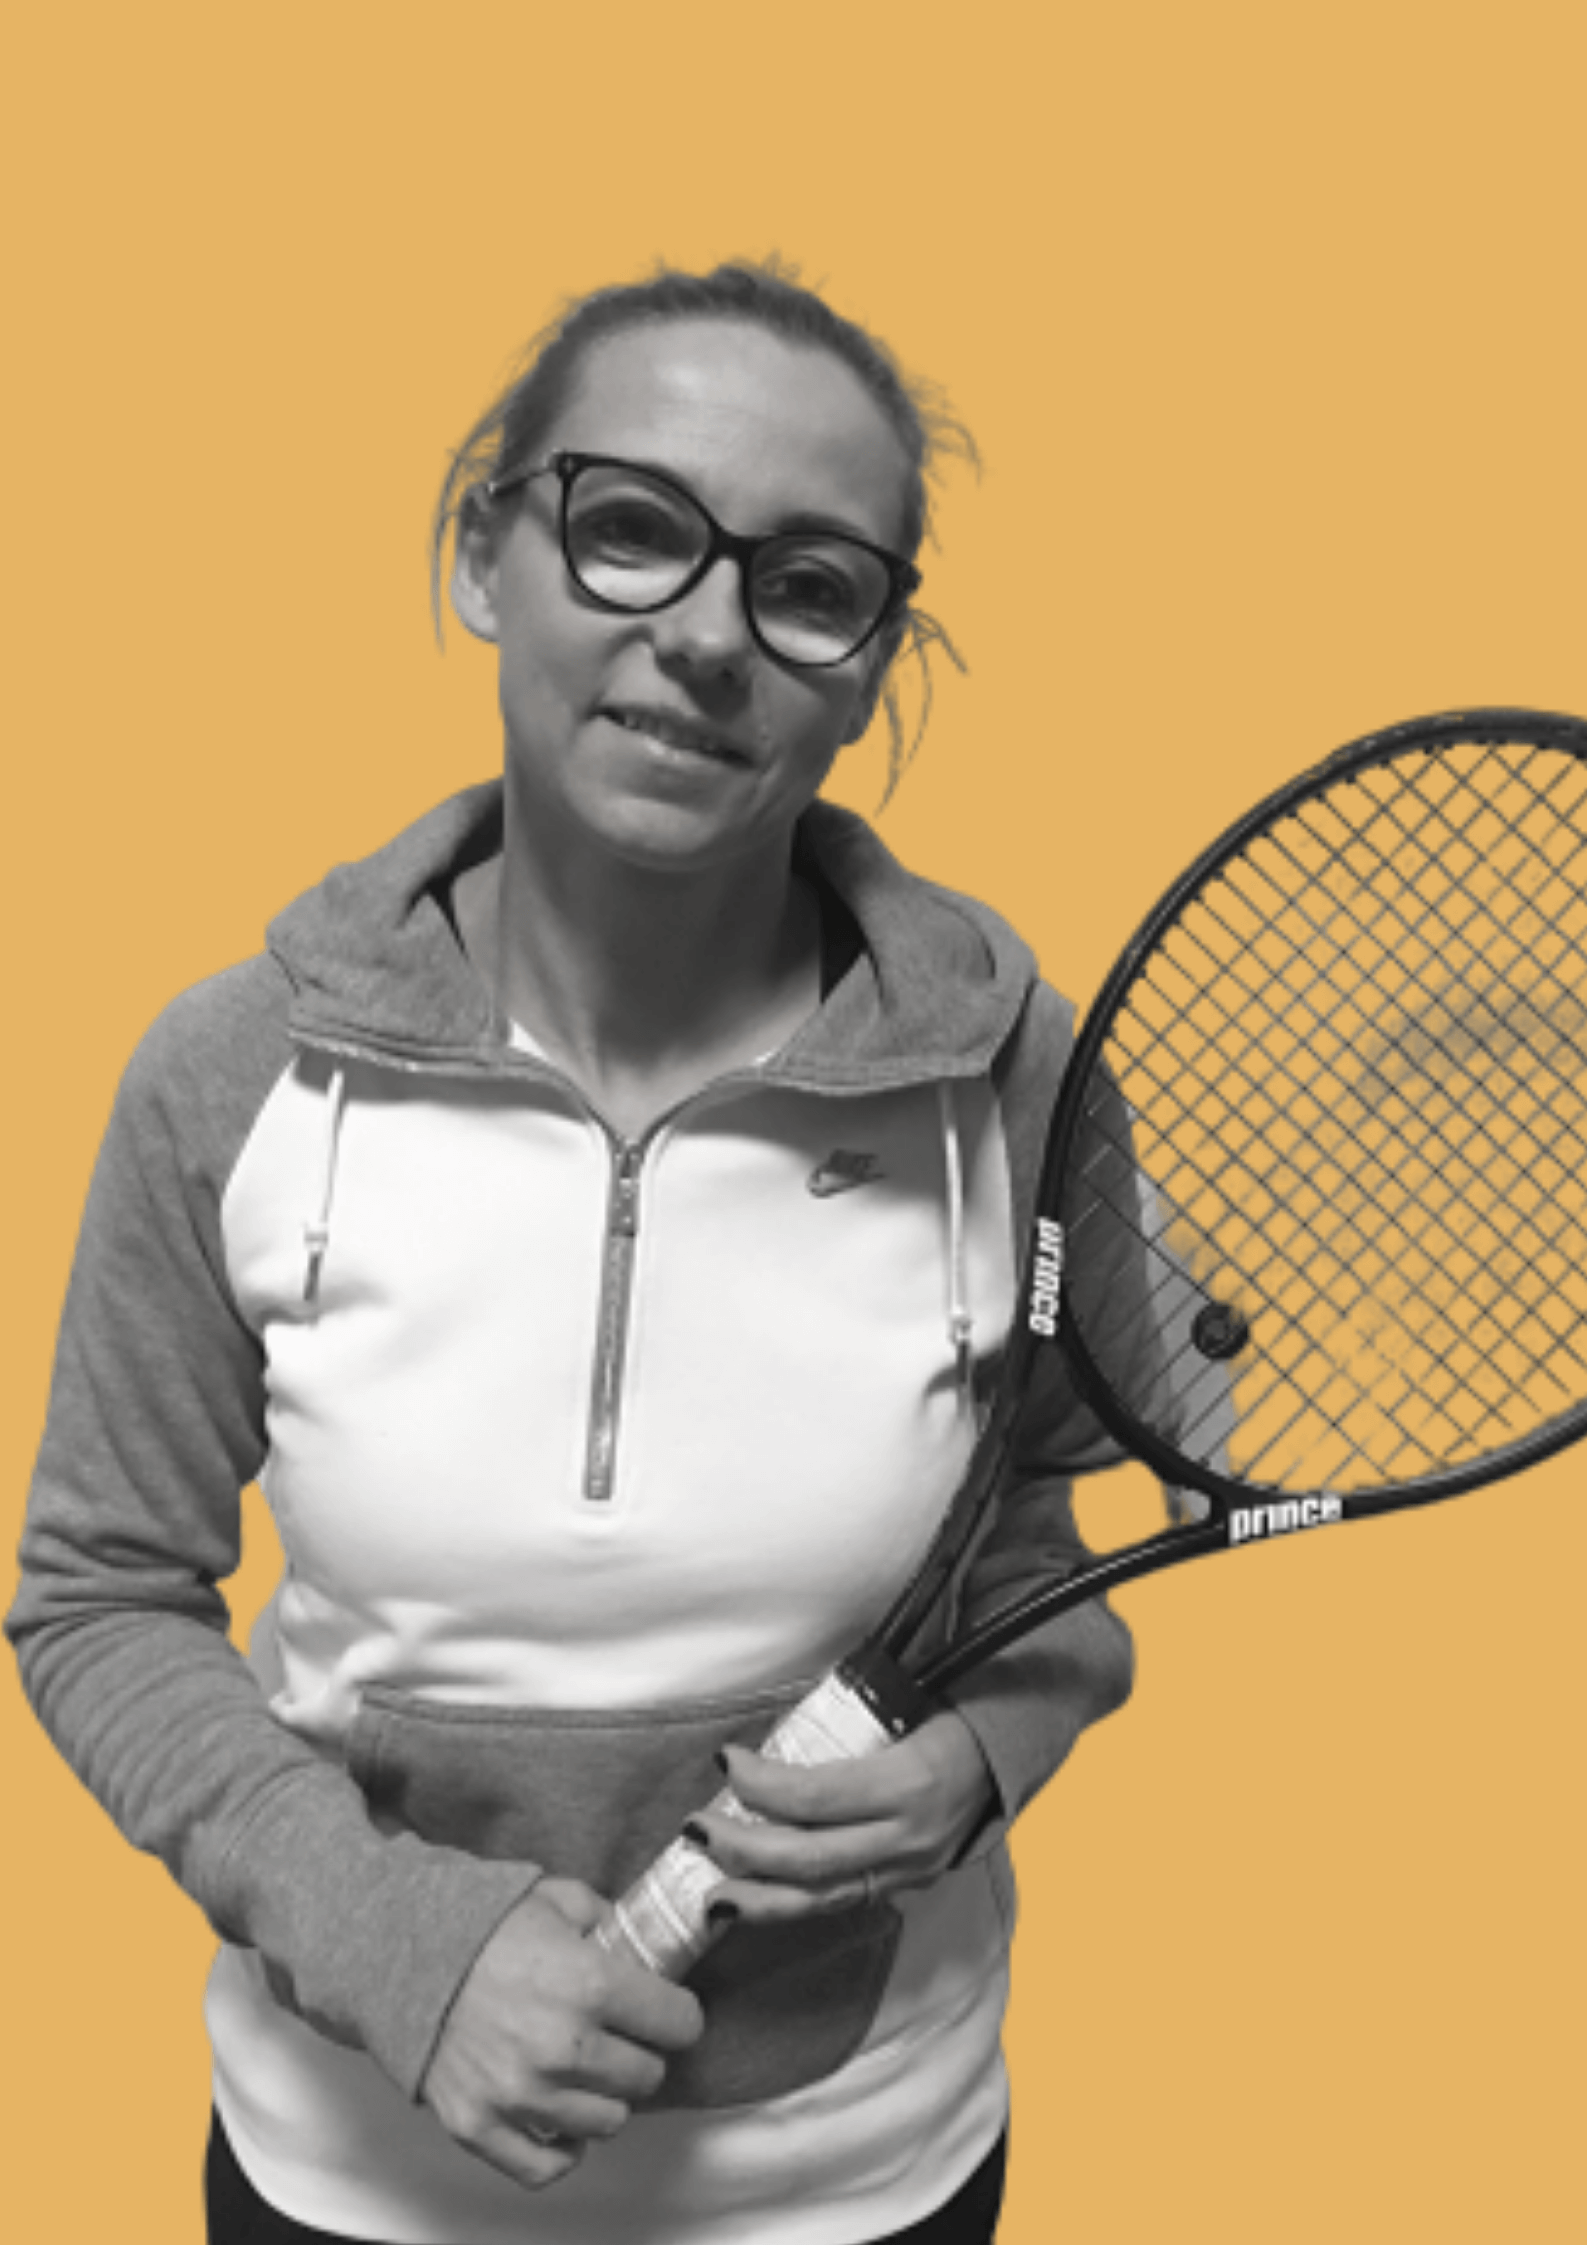 Joanna Januchowska Astra tenis